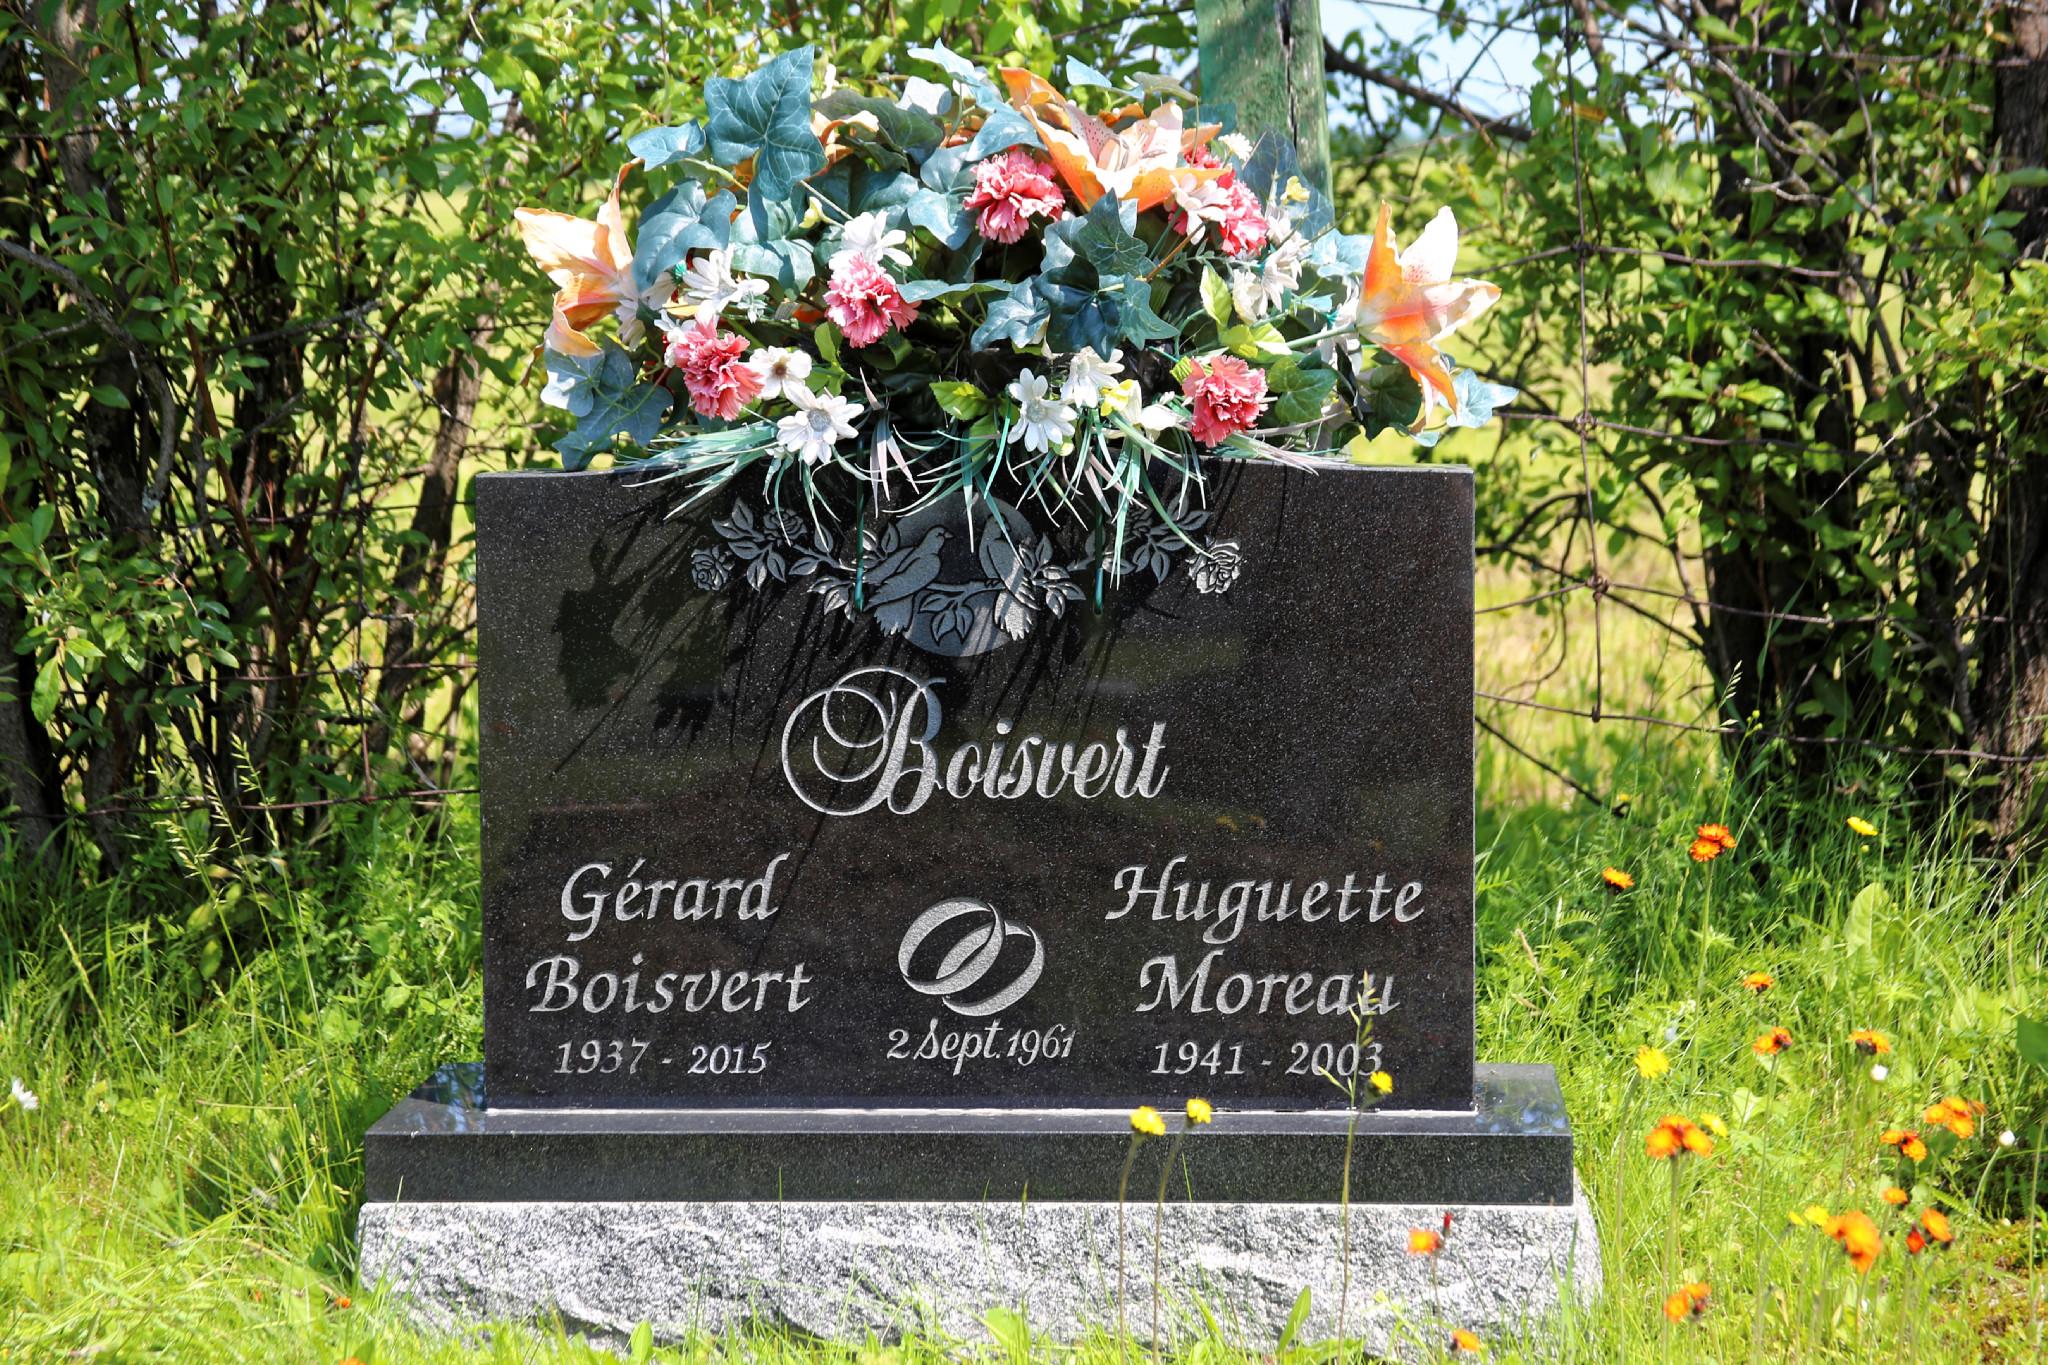 Gérard Boisvert